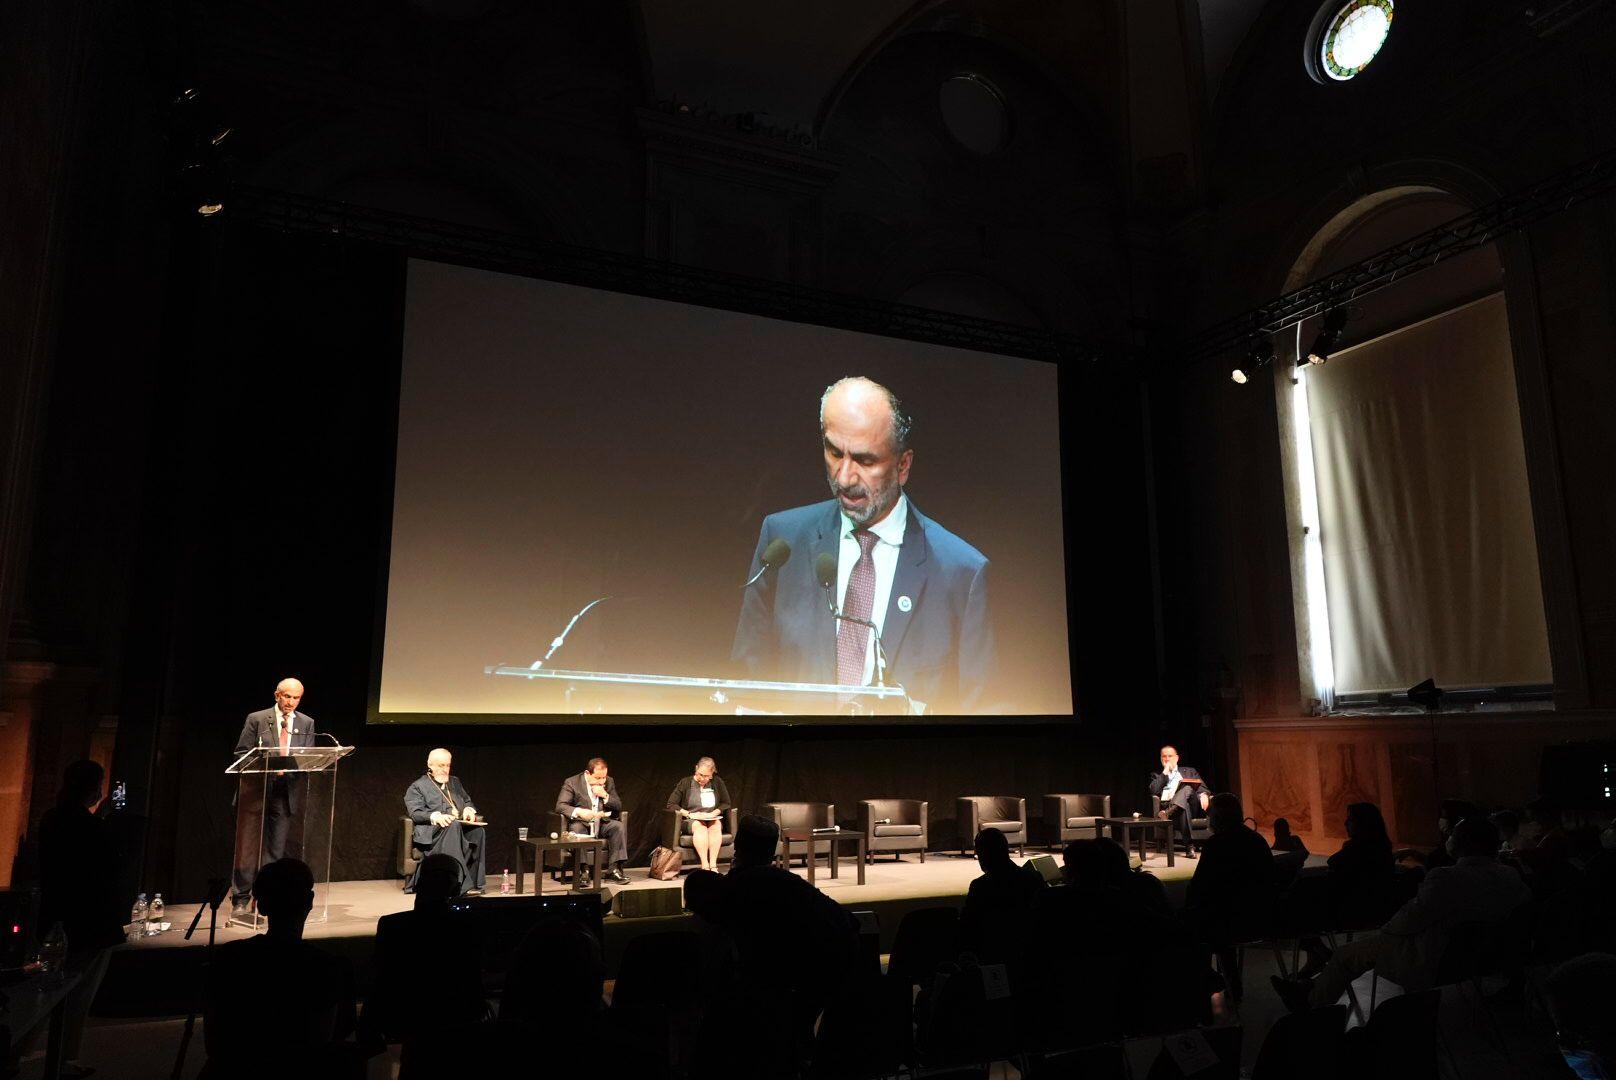 في منتدى مجموعة العشرين للأديان .. الجروان يدعو إلى بناء السلام  بدلا من التسليح والحروب